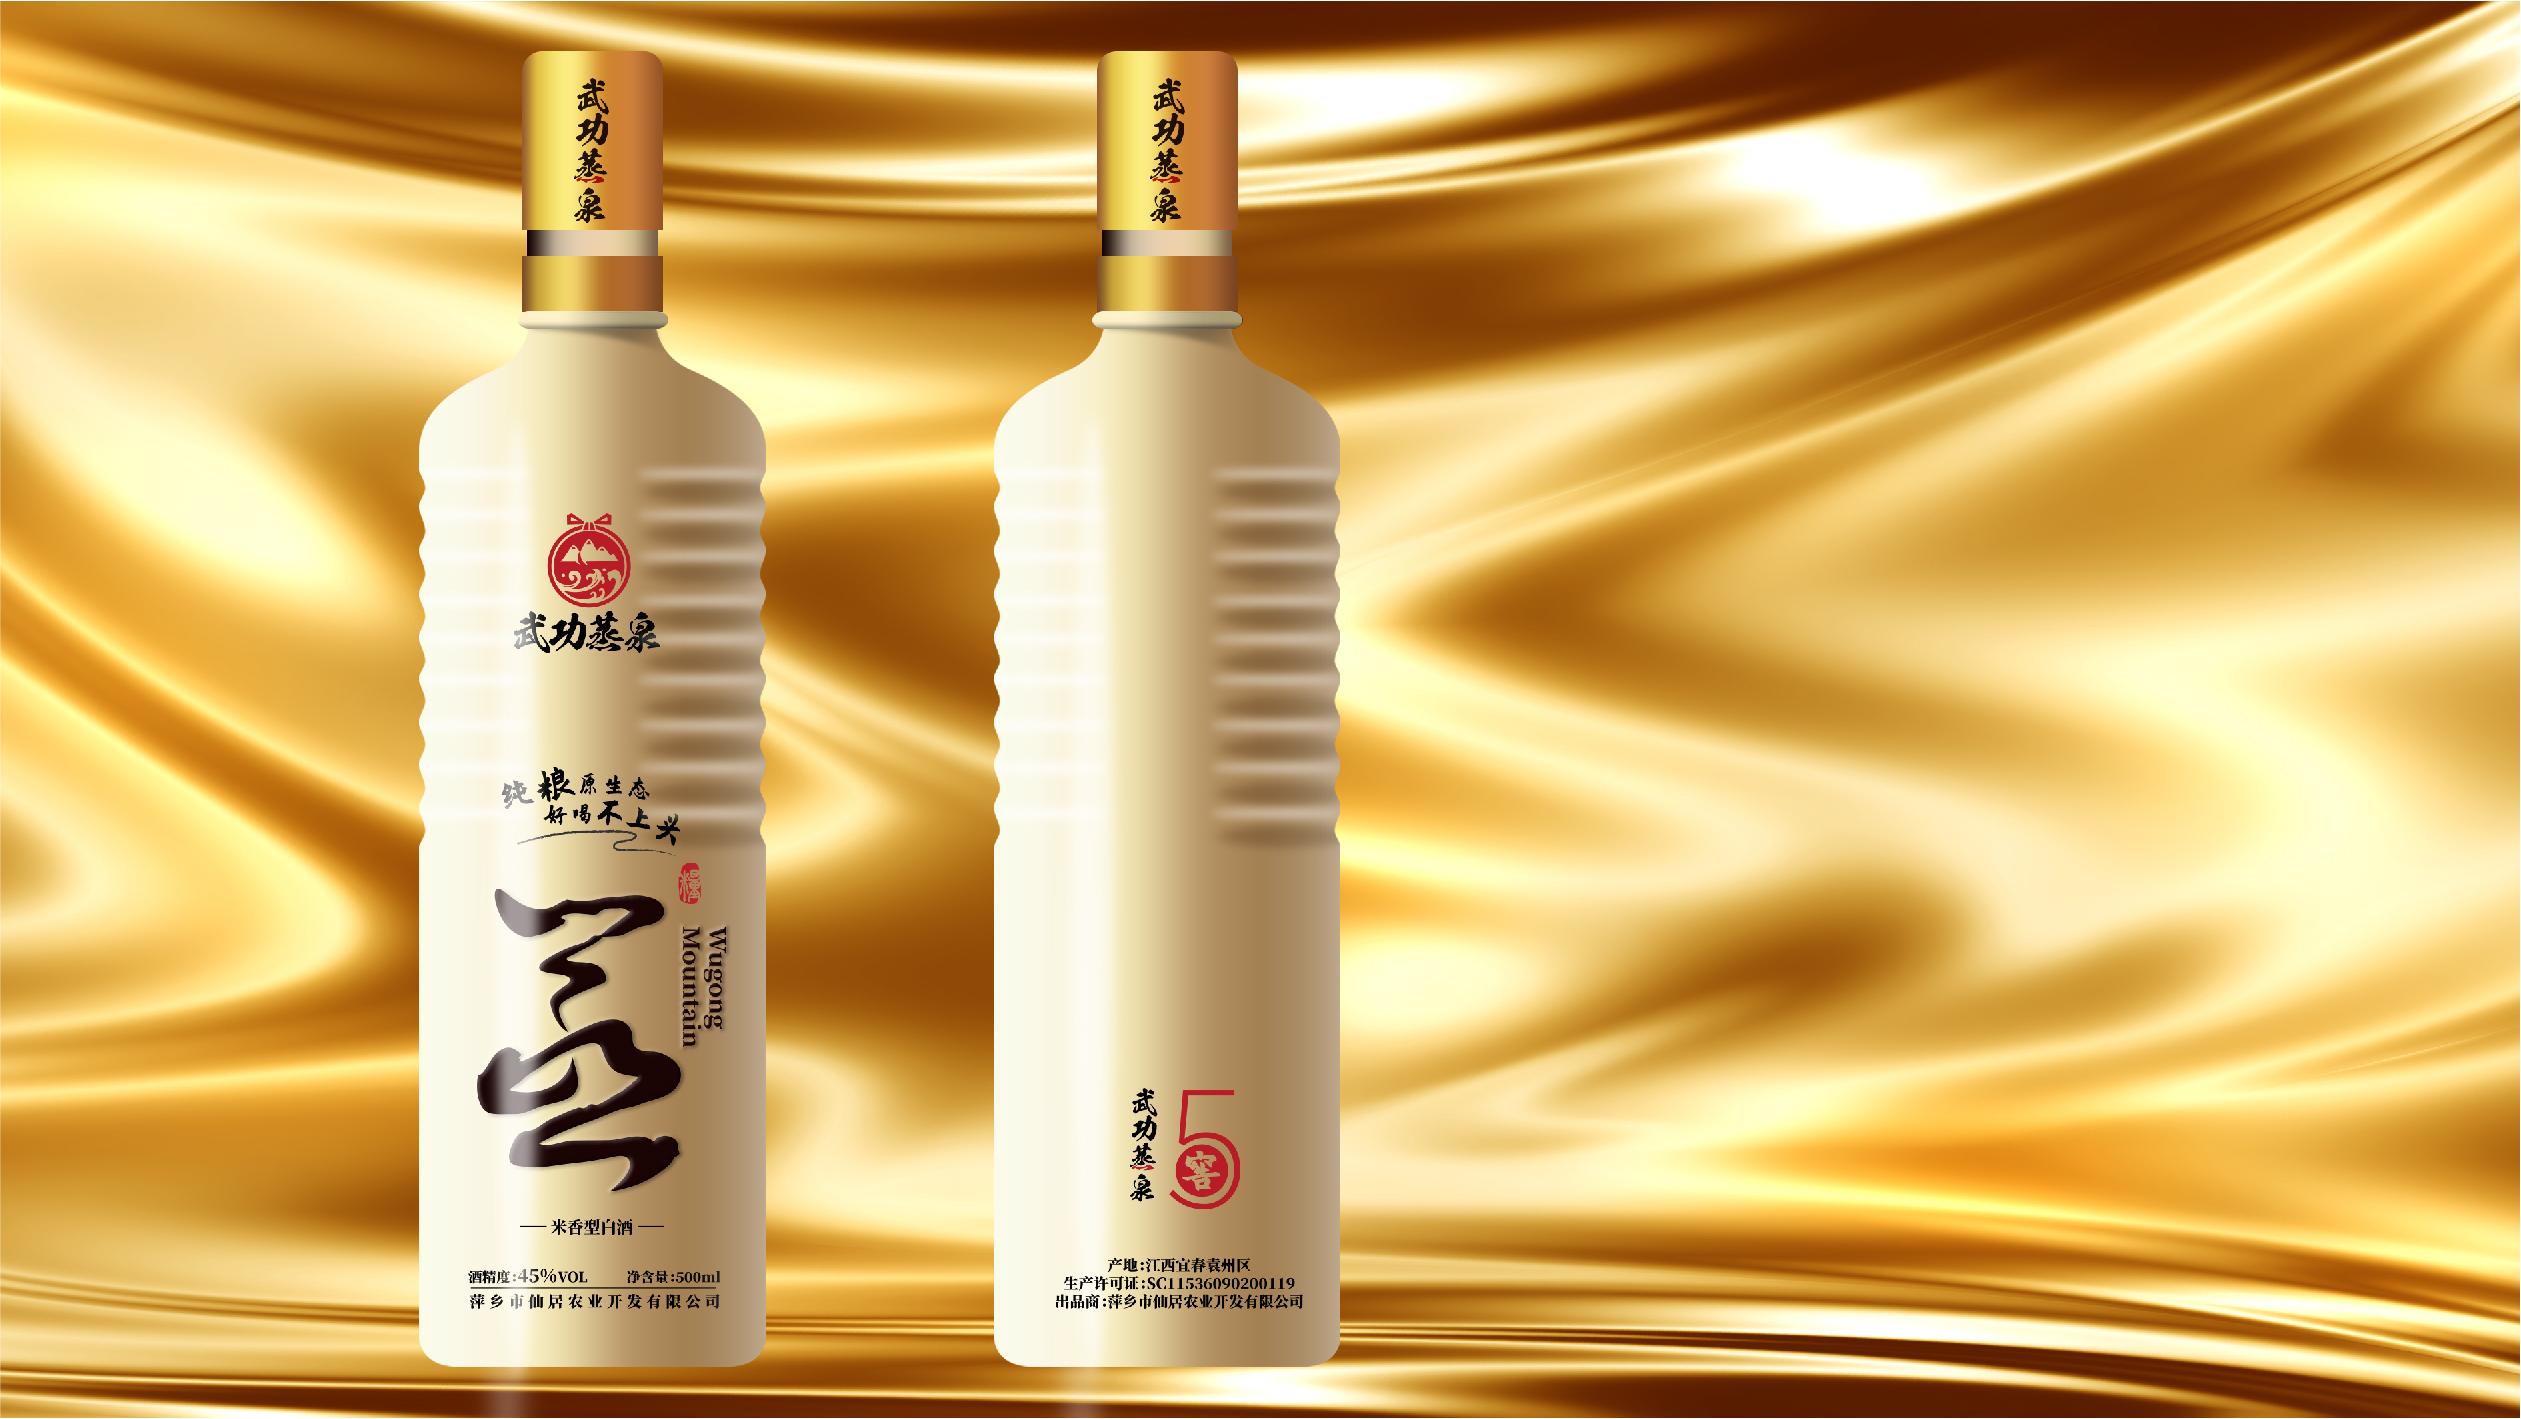 武功蒸泉酒品牌包裝設計